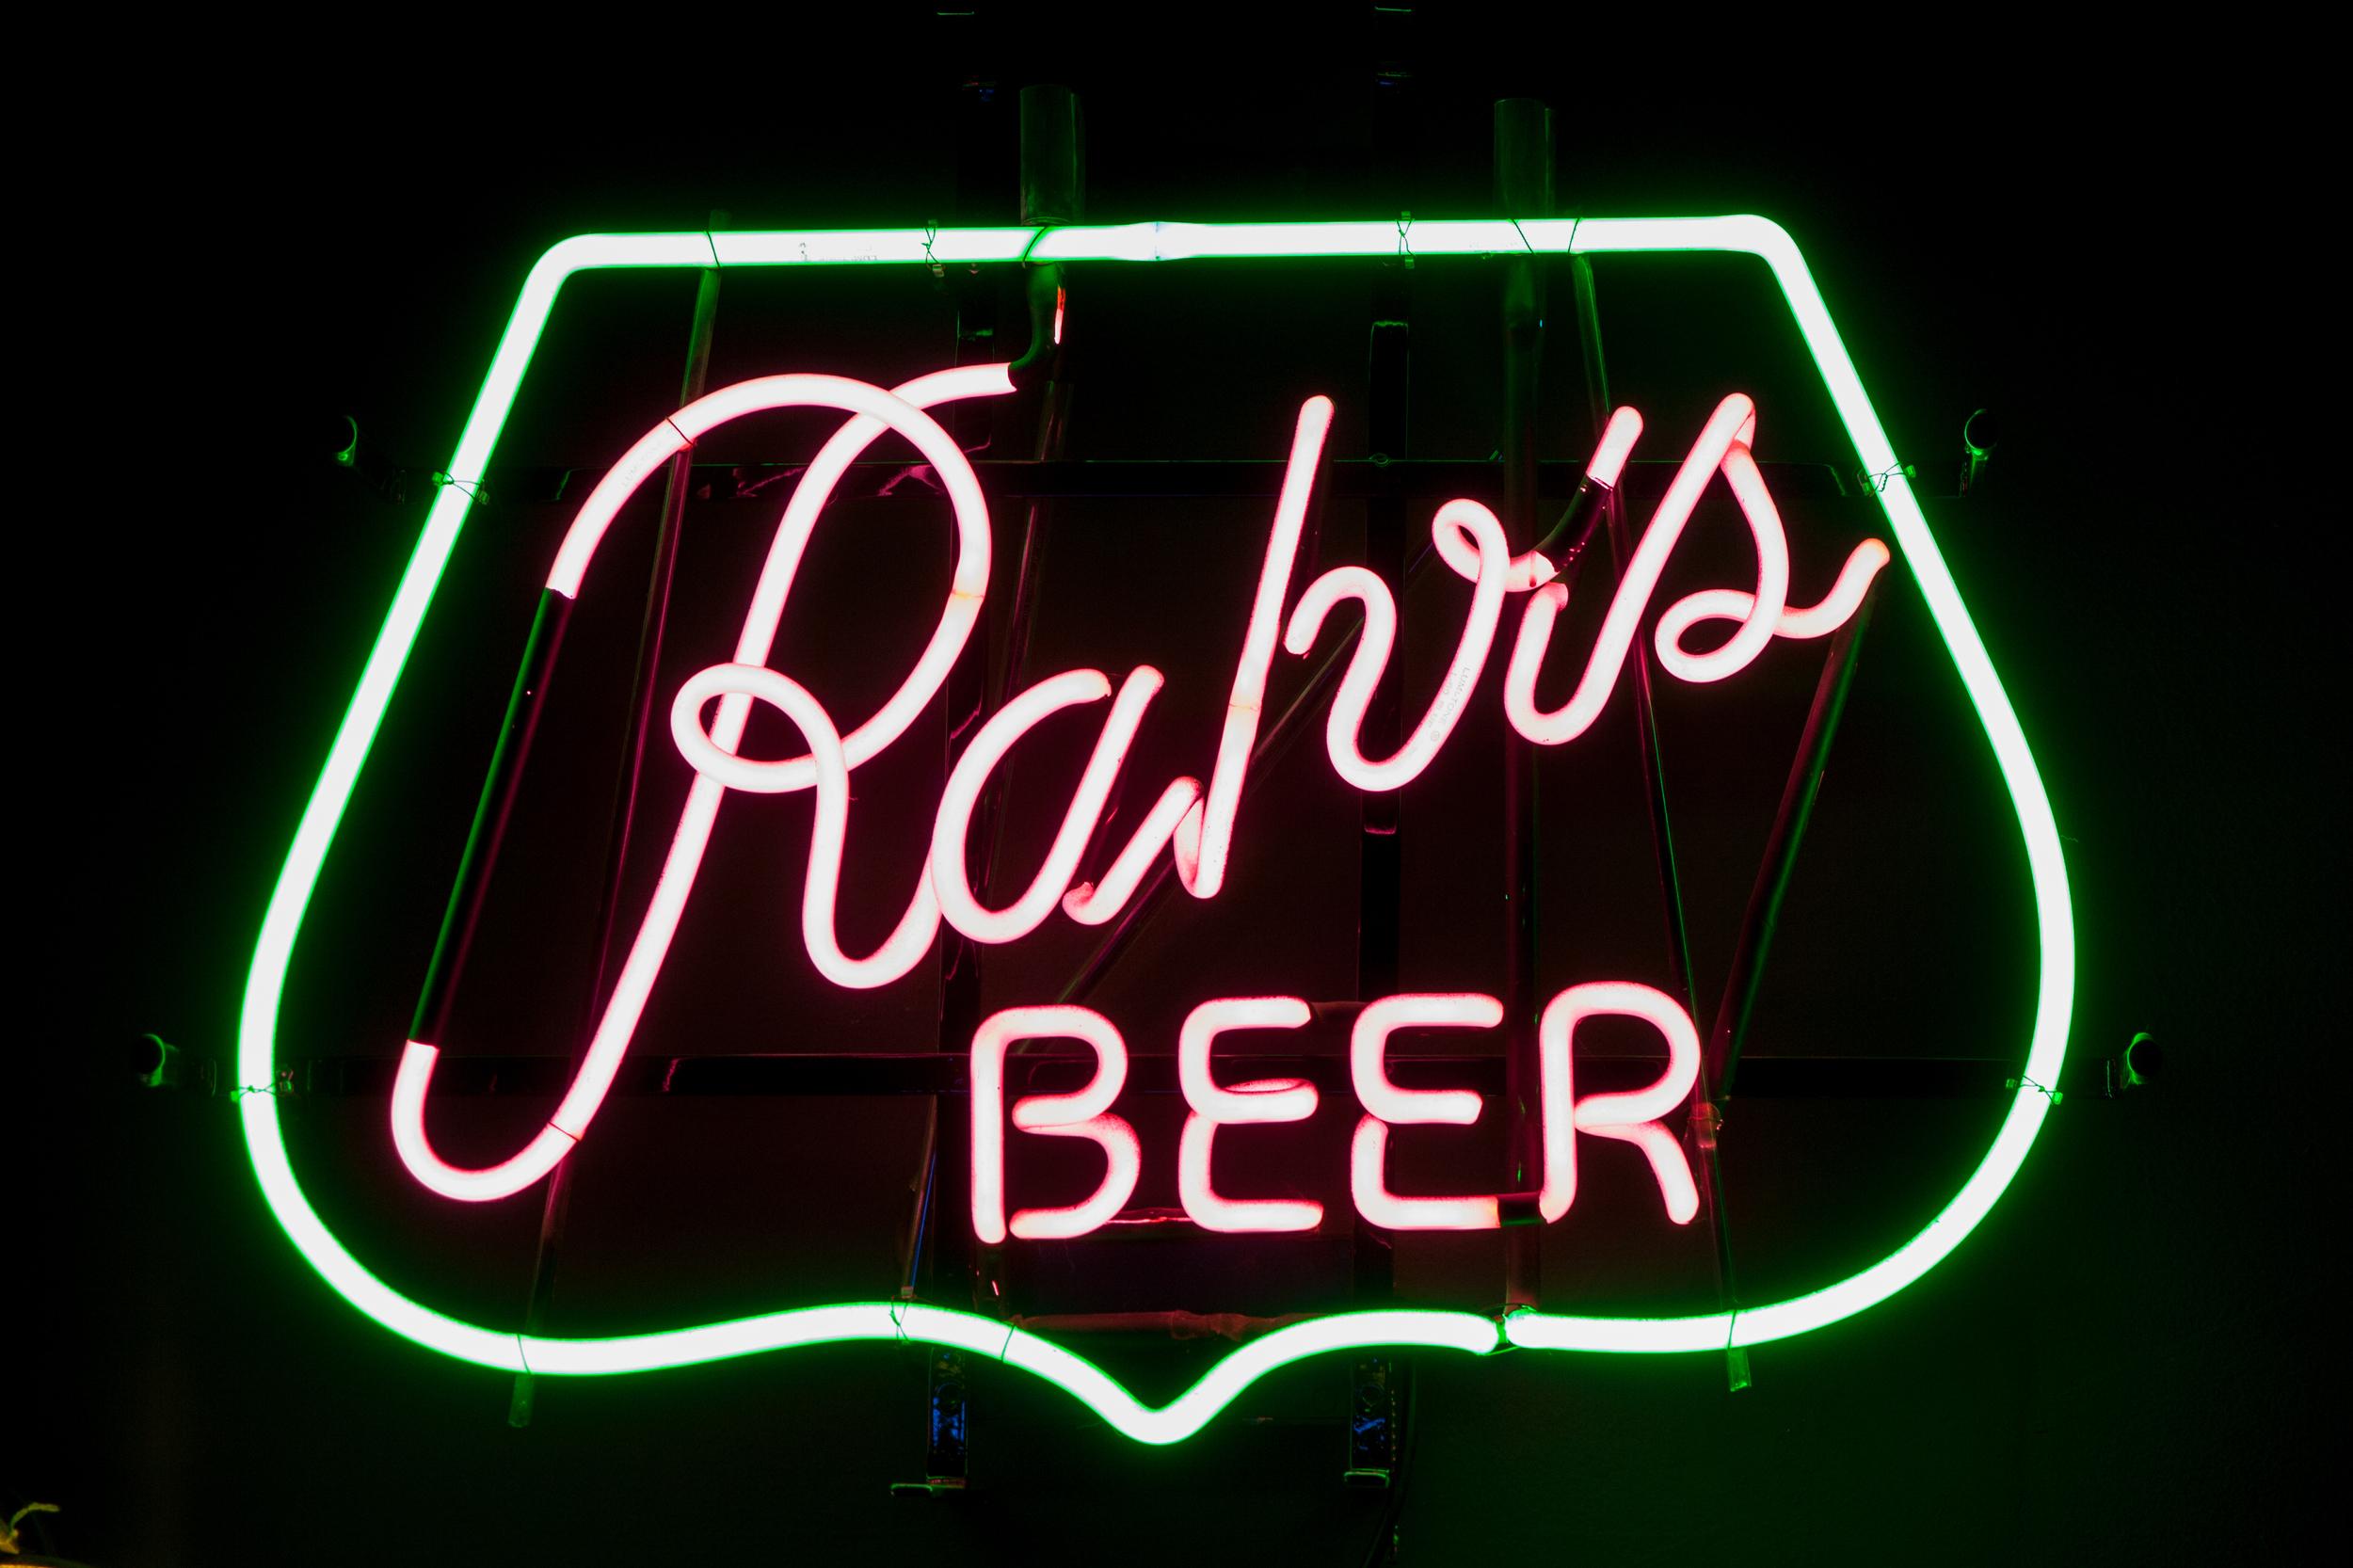 Rahr's Beer Neon Sign